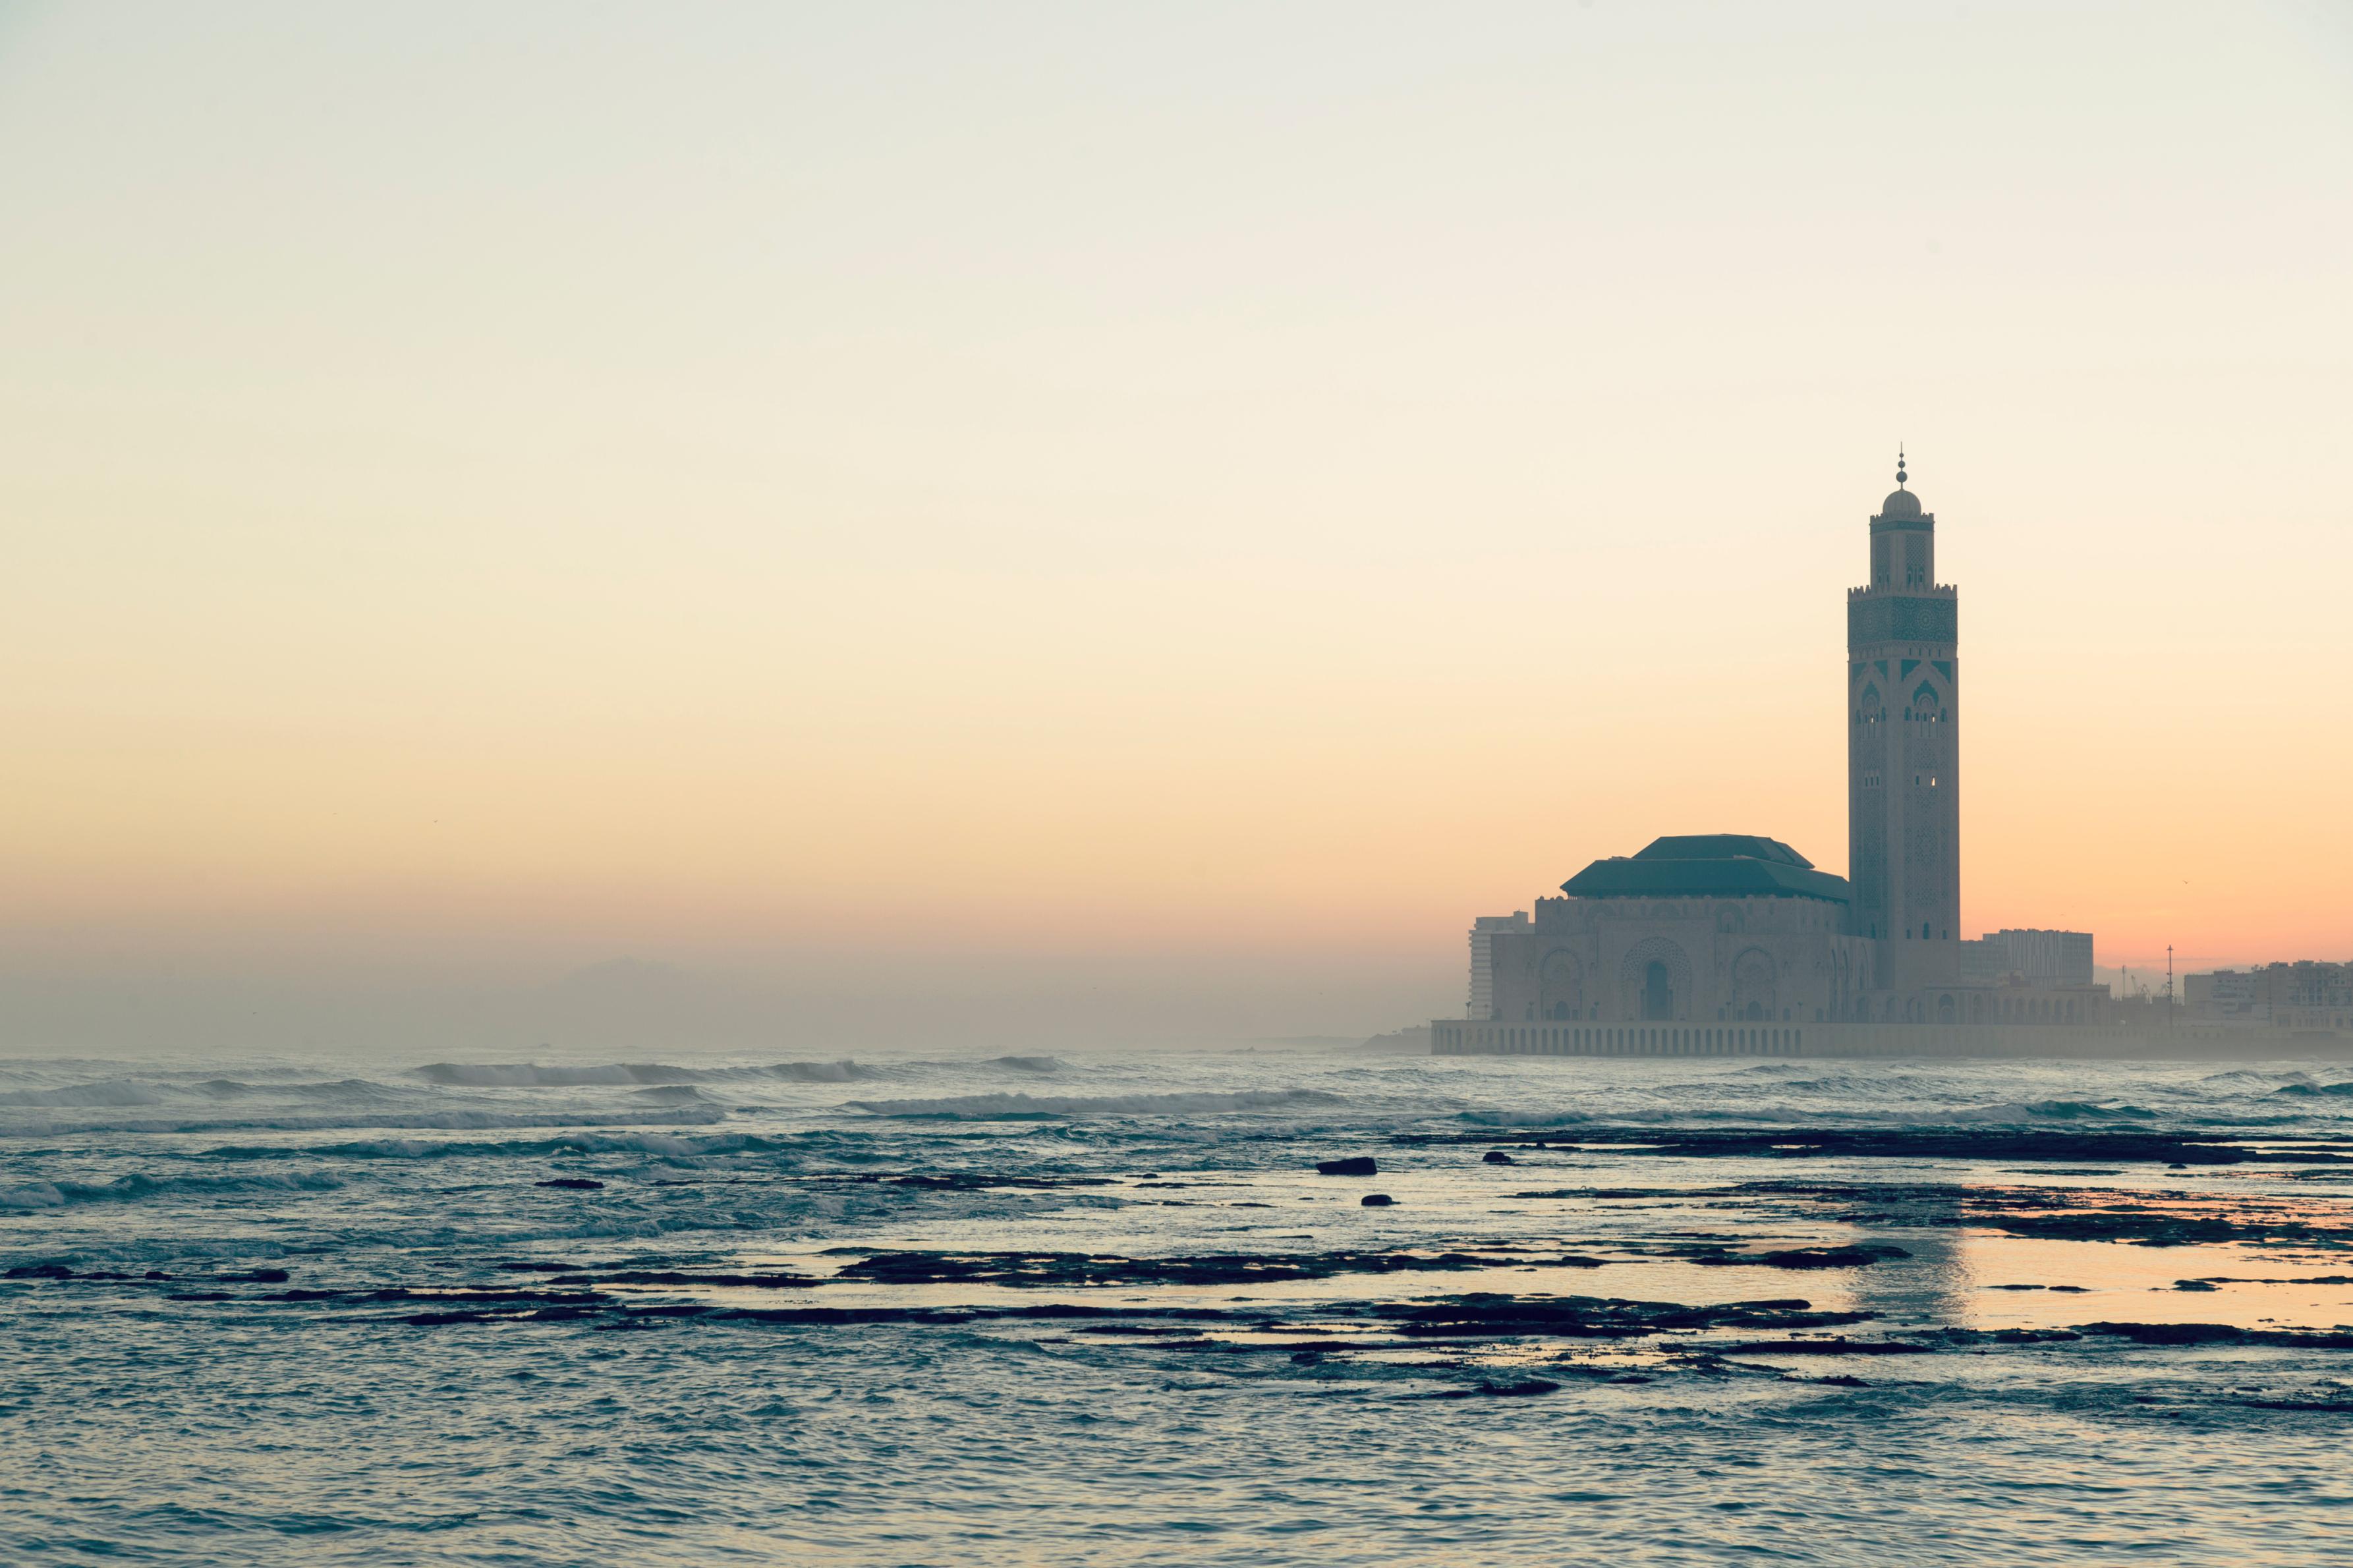 Hassan Ii Mosque Casablanca Morocco Attractions